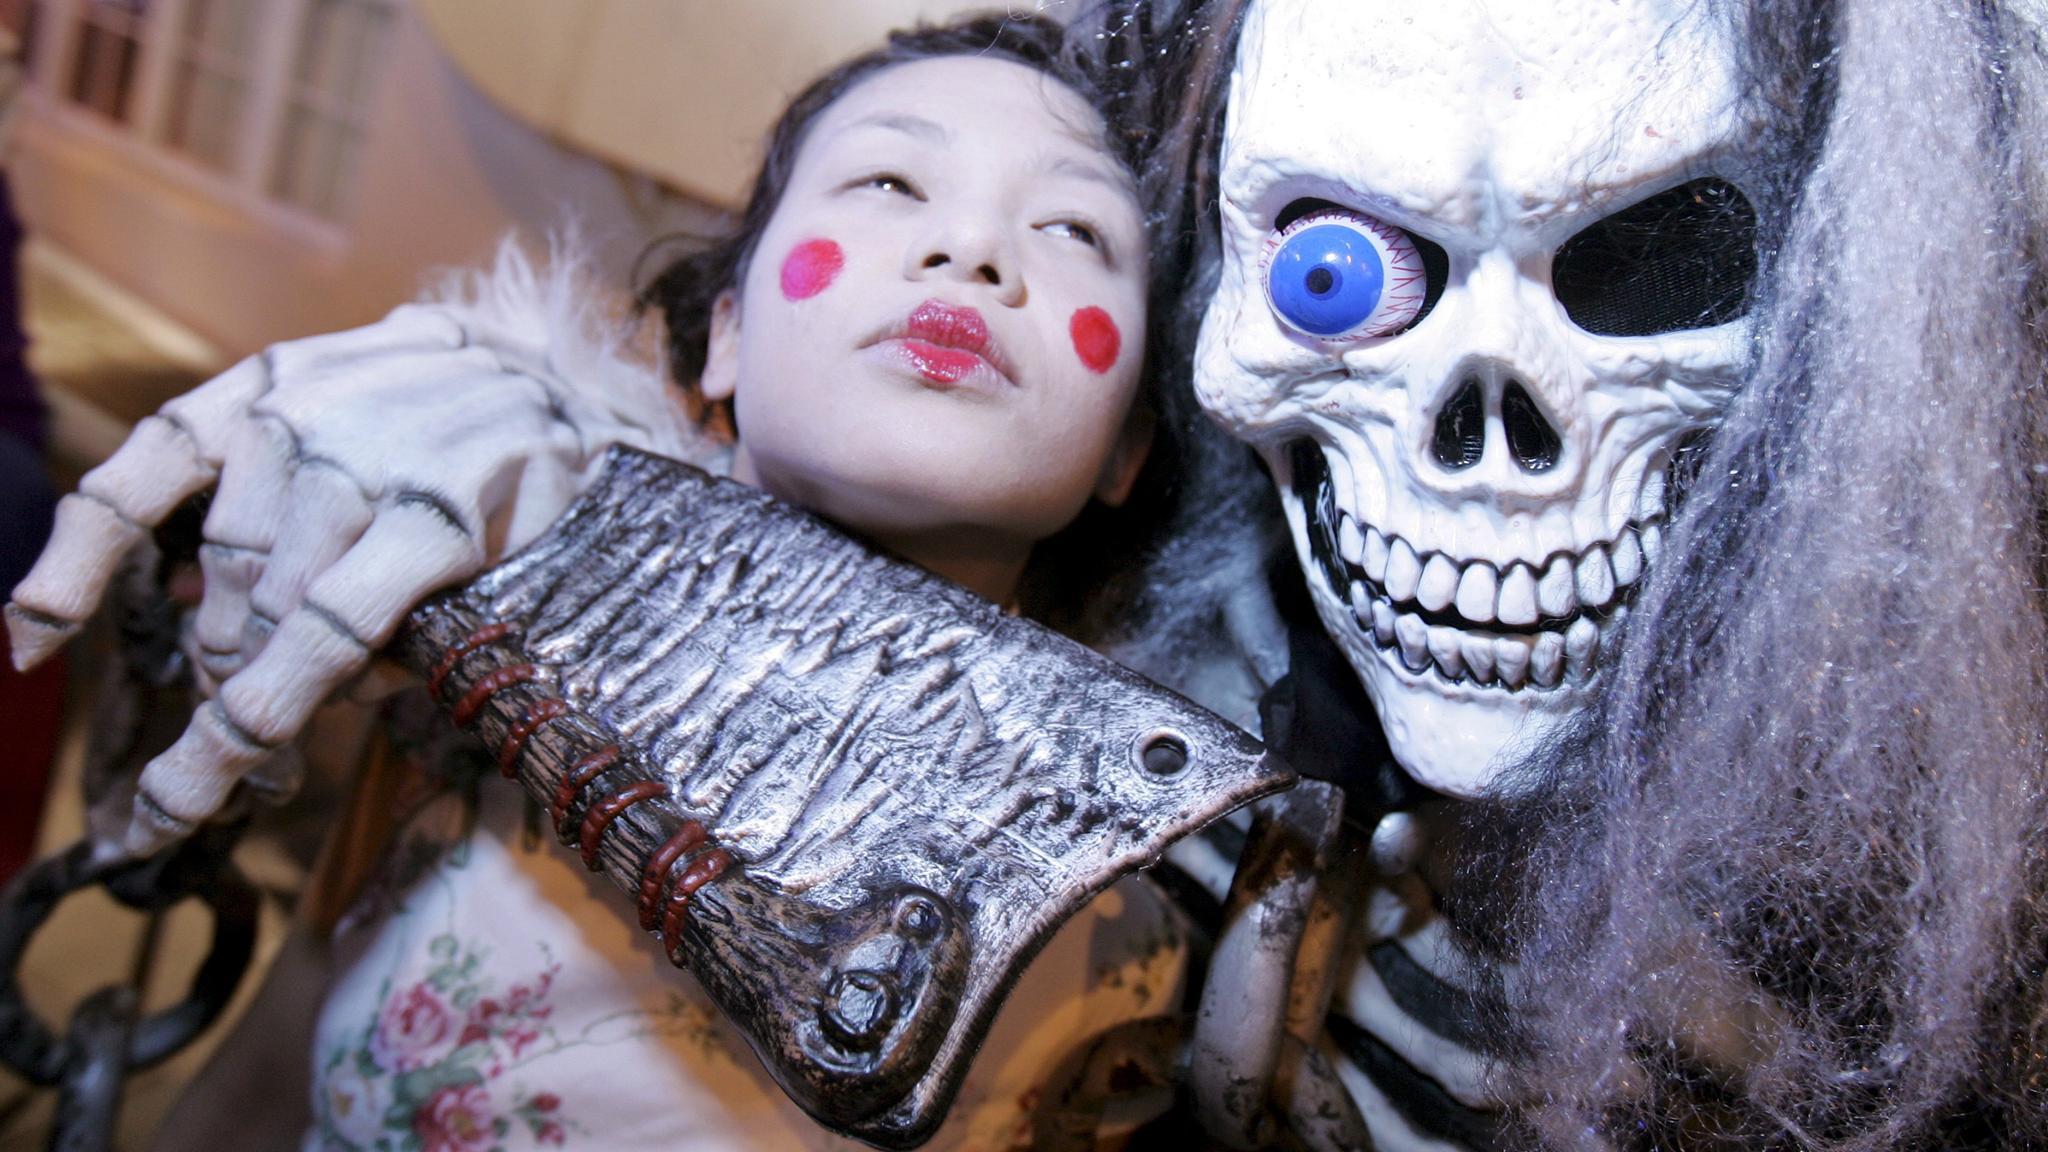 When Is Halloween 2020 Celebrated In Beijing Beijing subway bans Halloween costumes | Financial Times